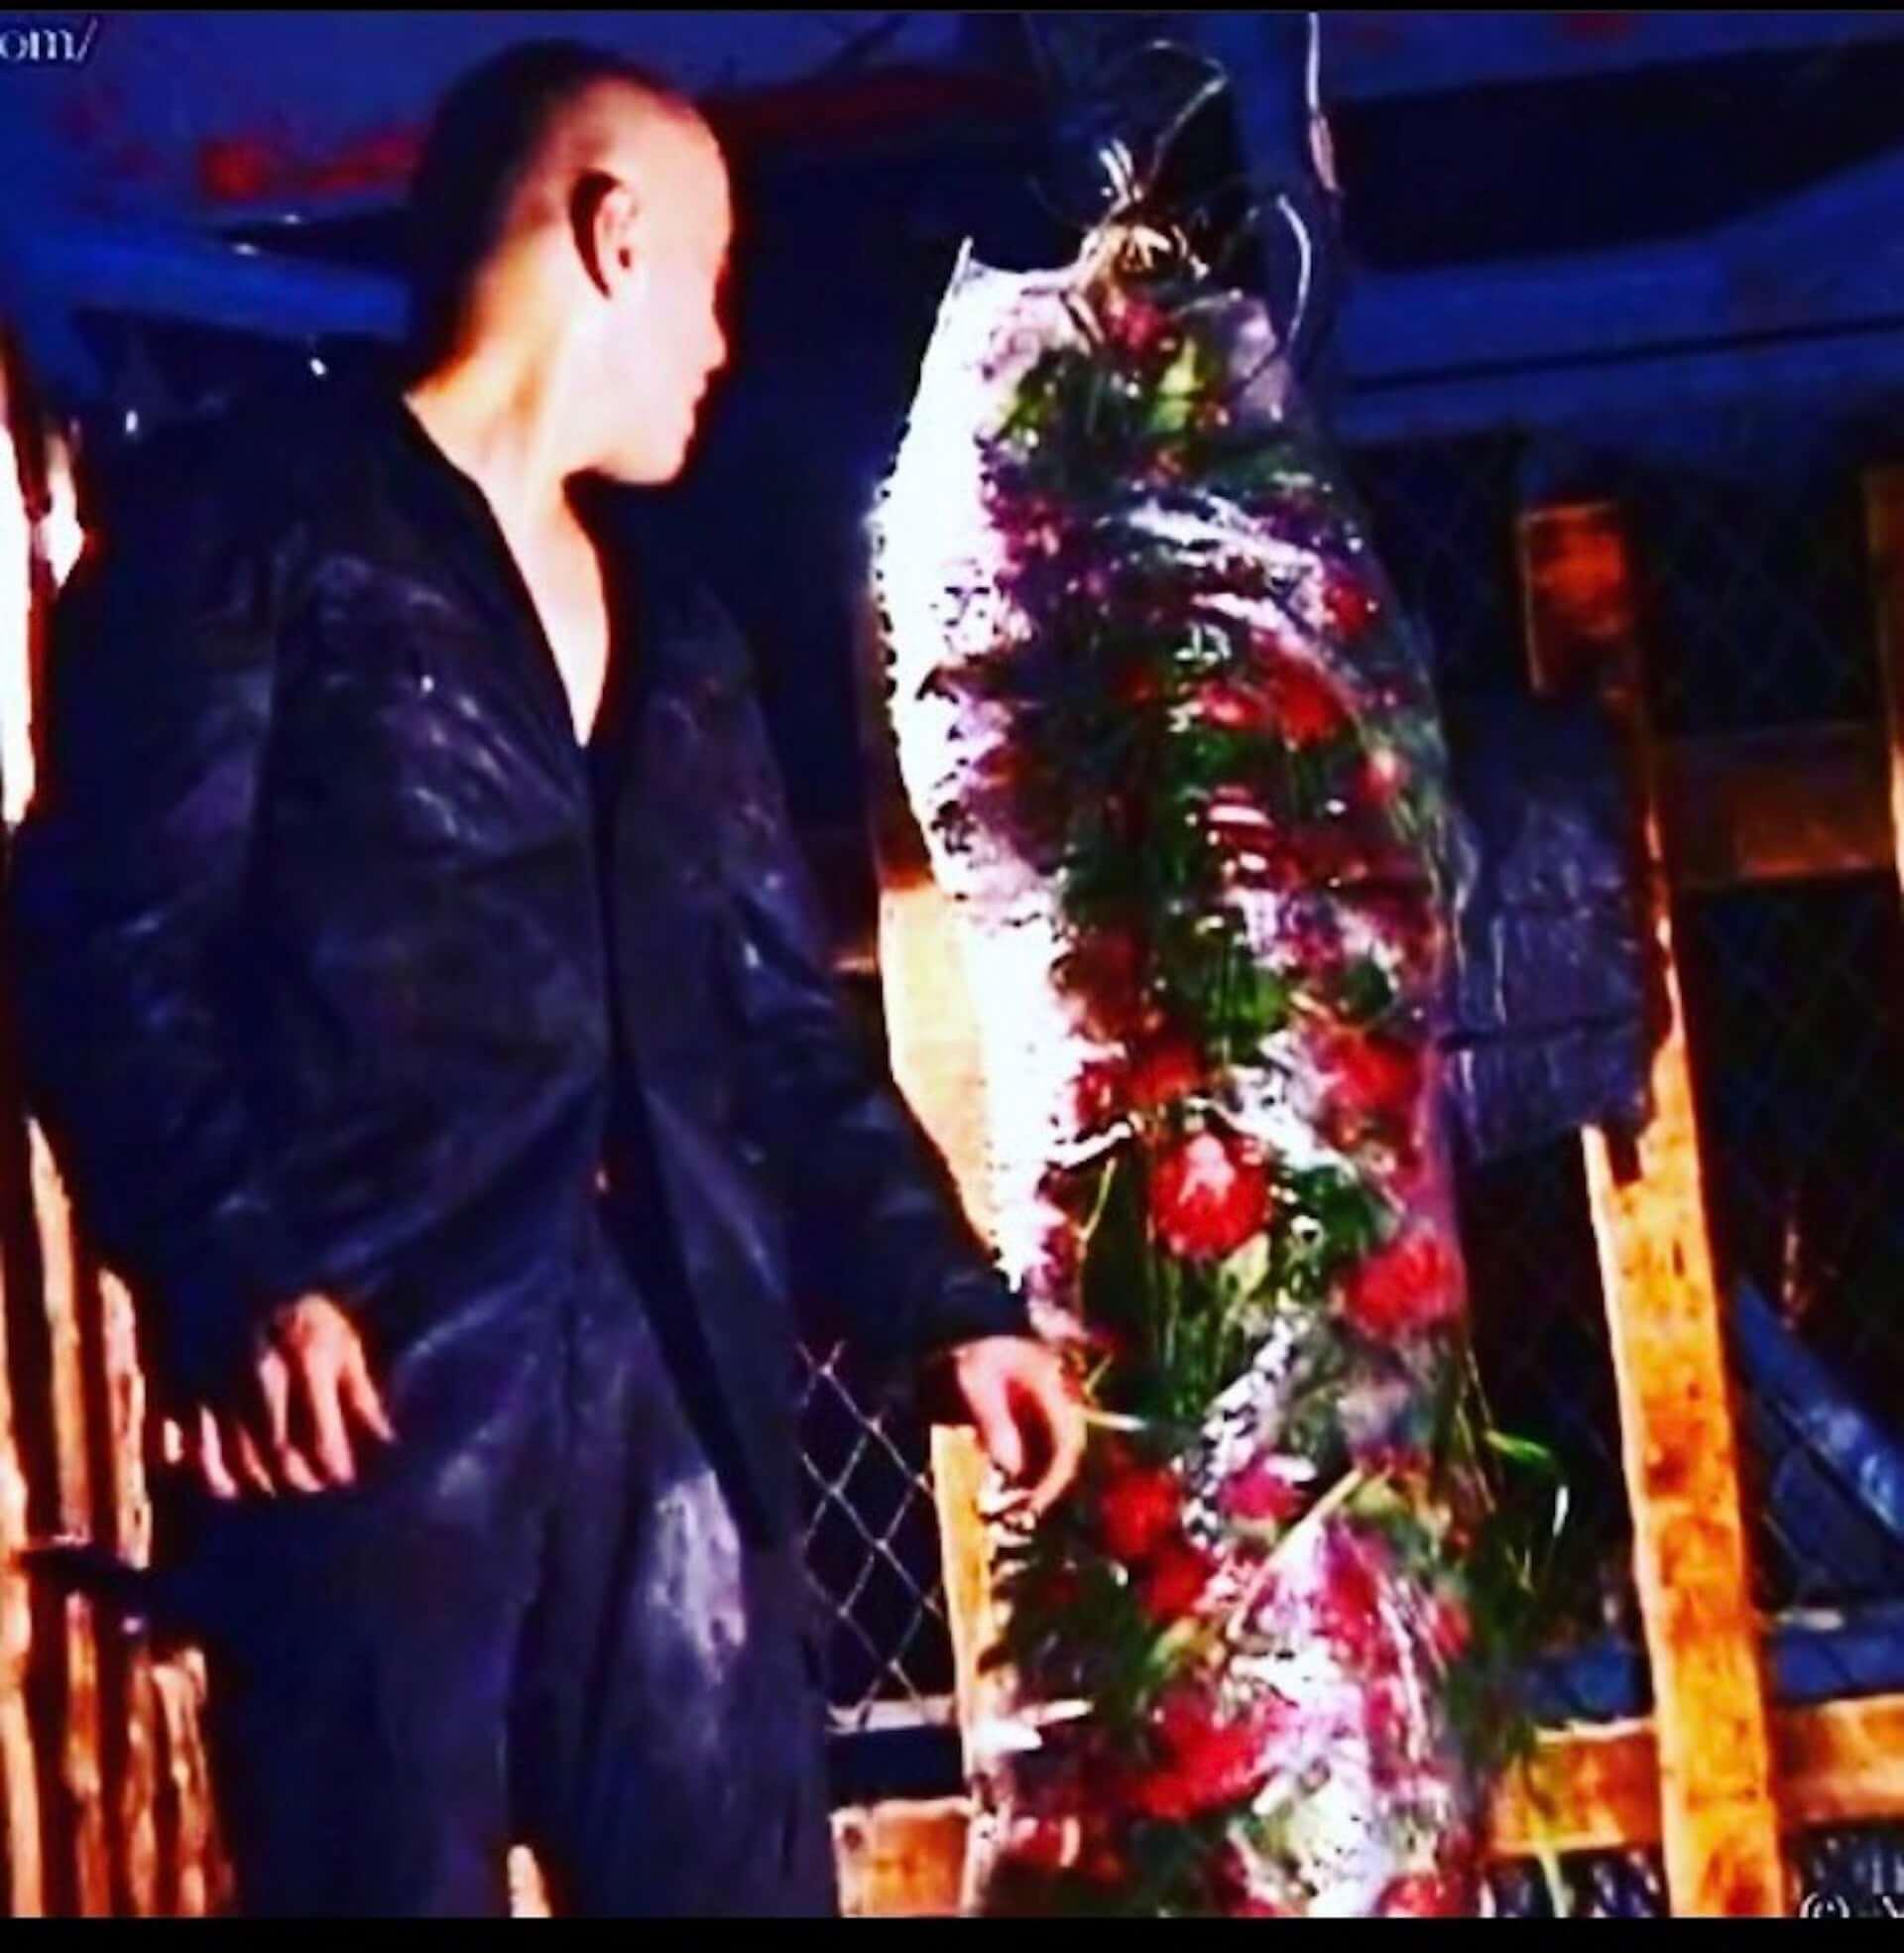 上野雄次と大塚咲による作品展<人間-3日間の人間展>が歌舞伎町・人間レストランにて開催決定!最終日にはライブパフォーマンスも実施 art201106_yuji_ueno_4-1920x1969